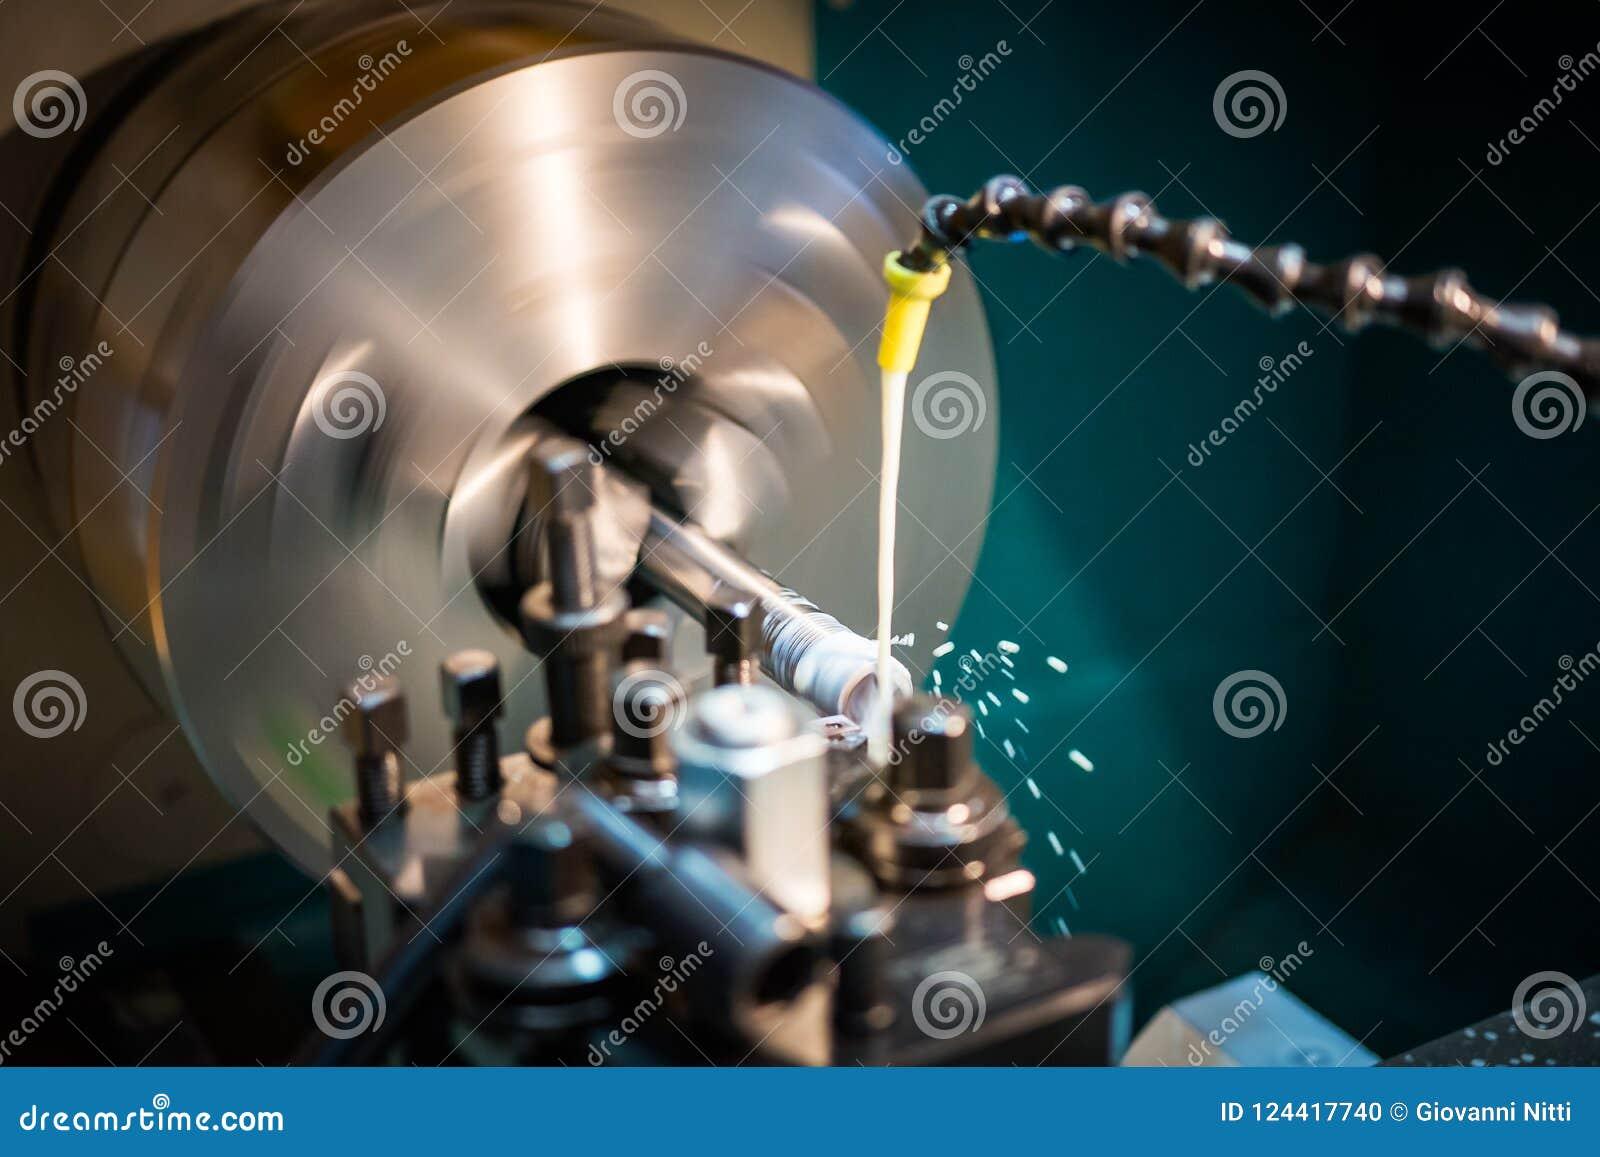 Hydraulic lathe machinery